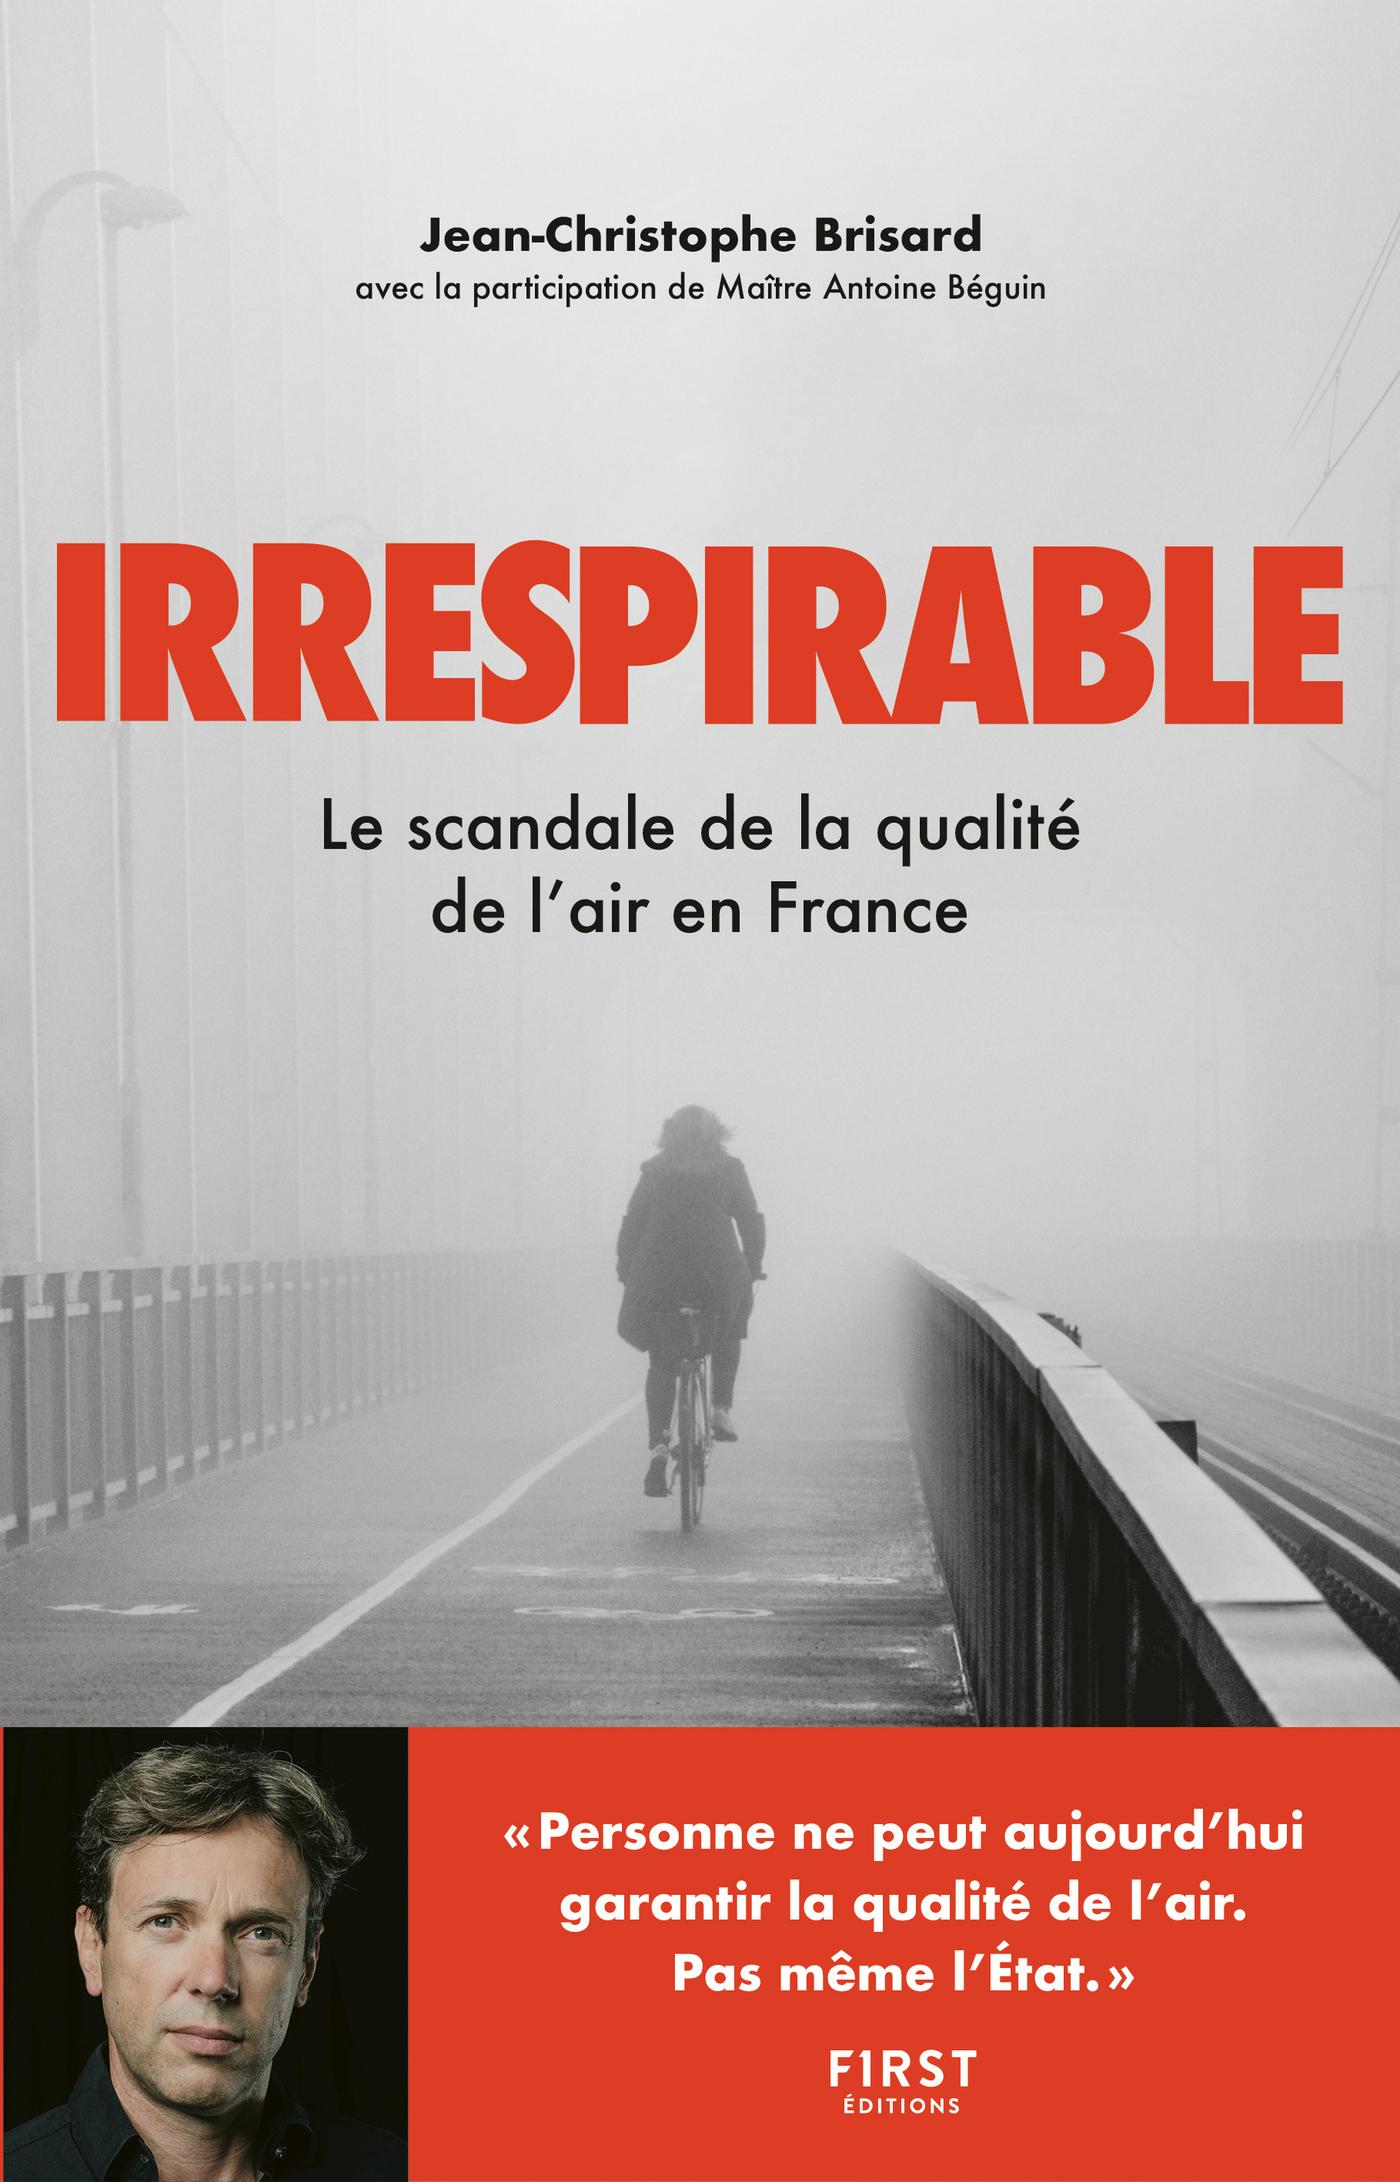 Irrespirable - Le scandale de la qualité de l'air en France